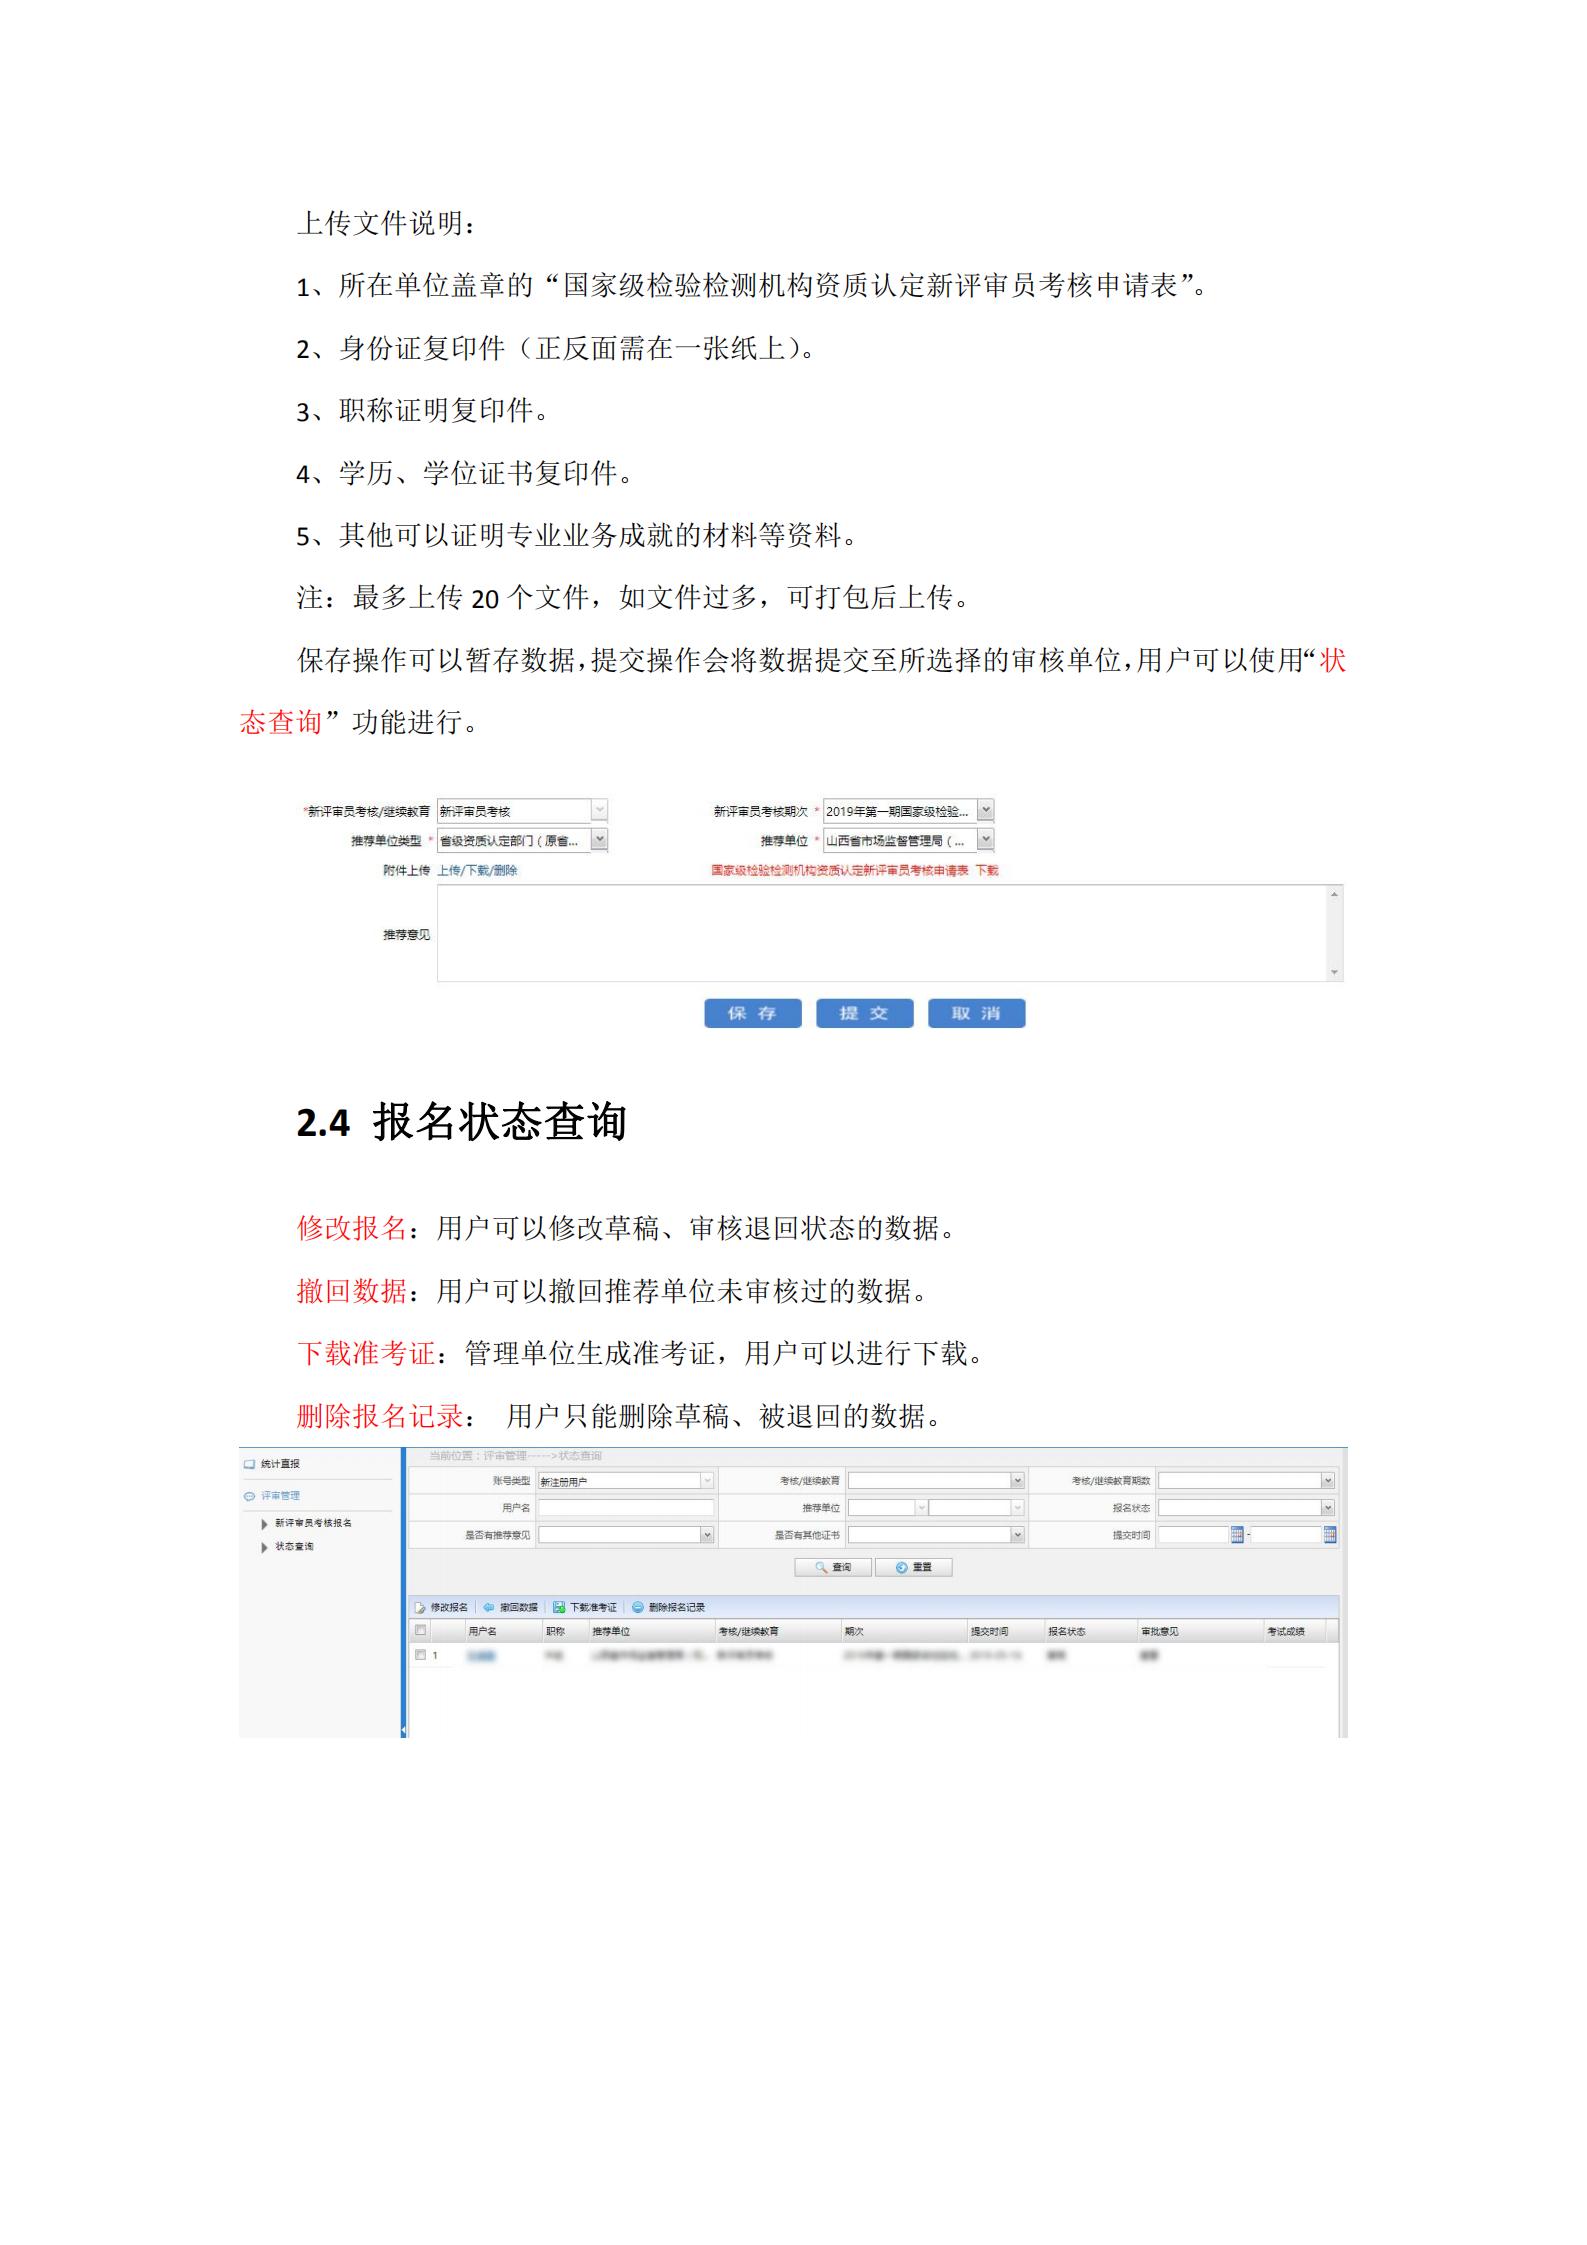 新评审员报名使用手册_05.png